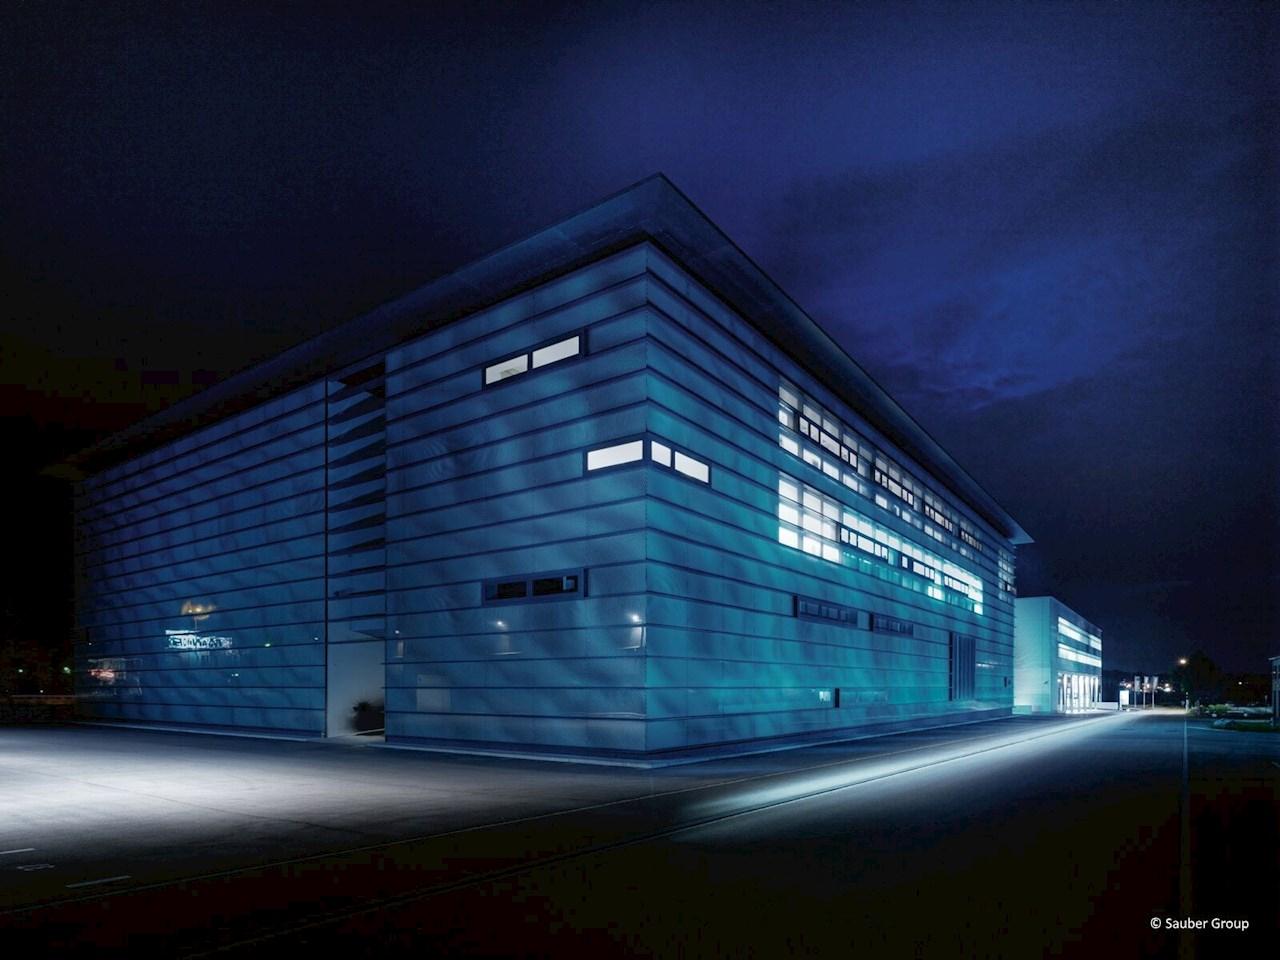 Az ABB globális technológiai partnerként csatlakozott a Sauber Engineeringhez